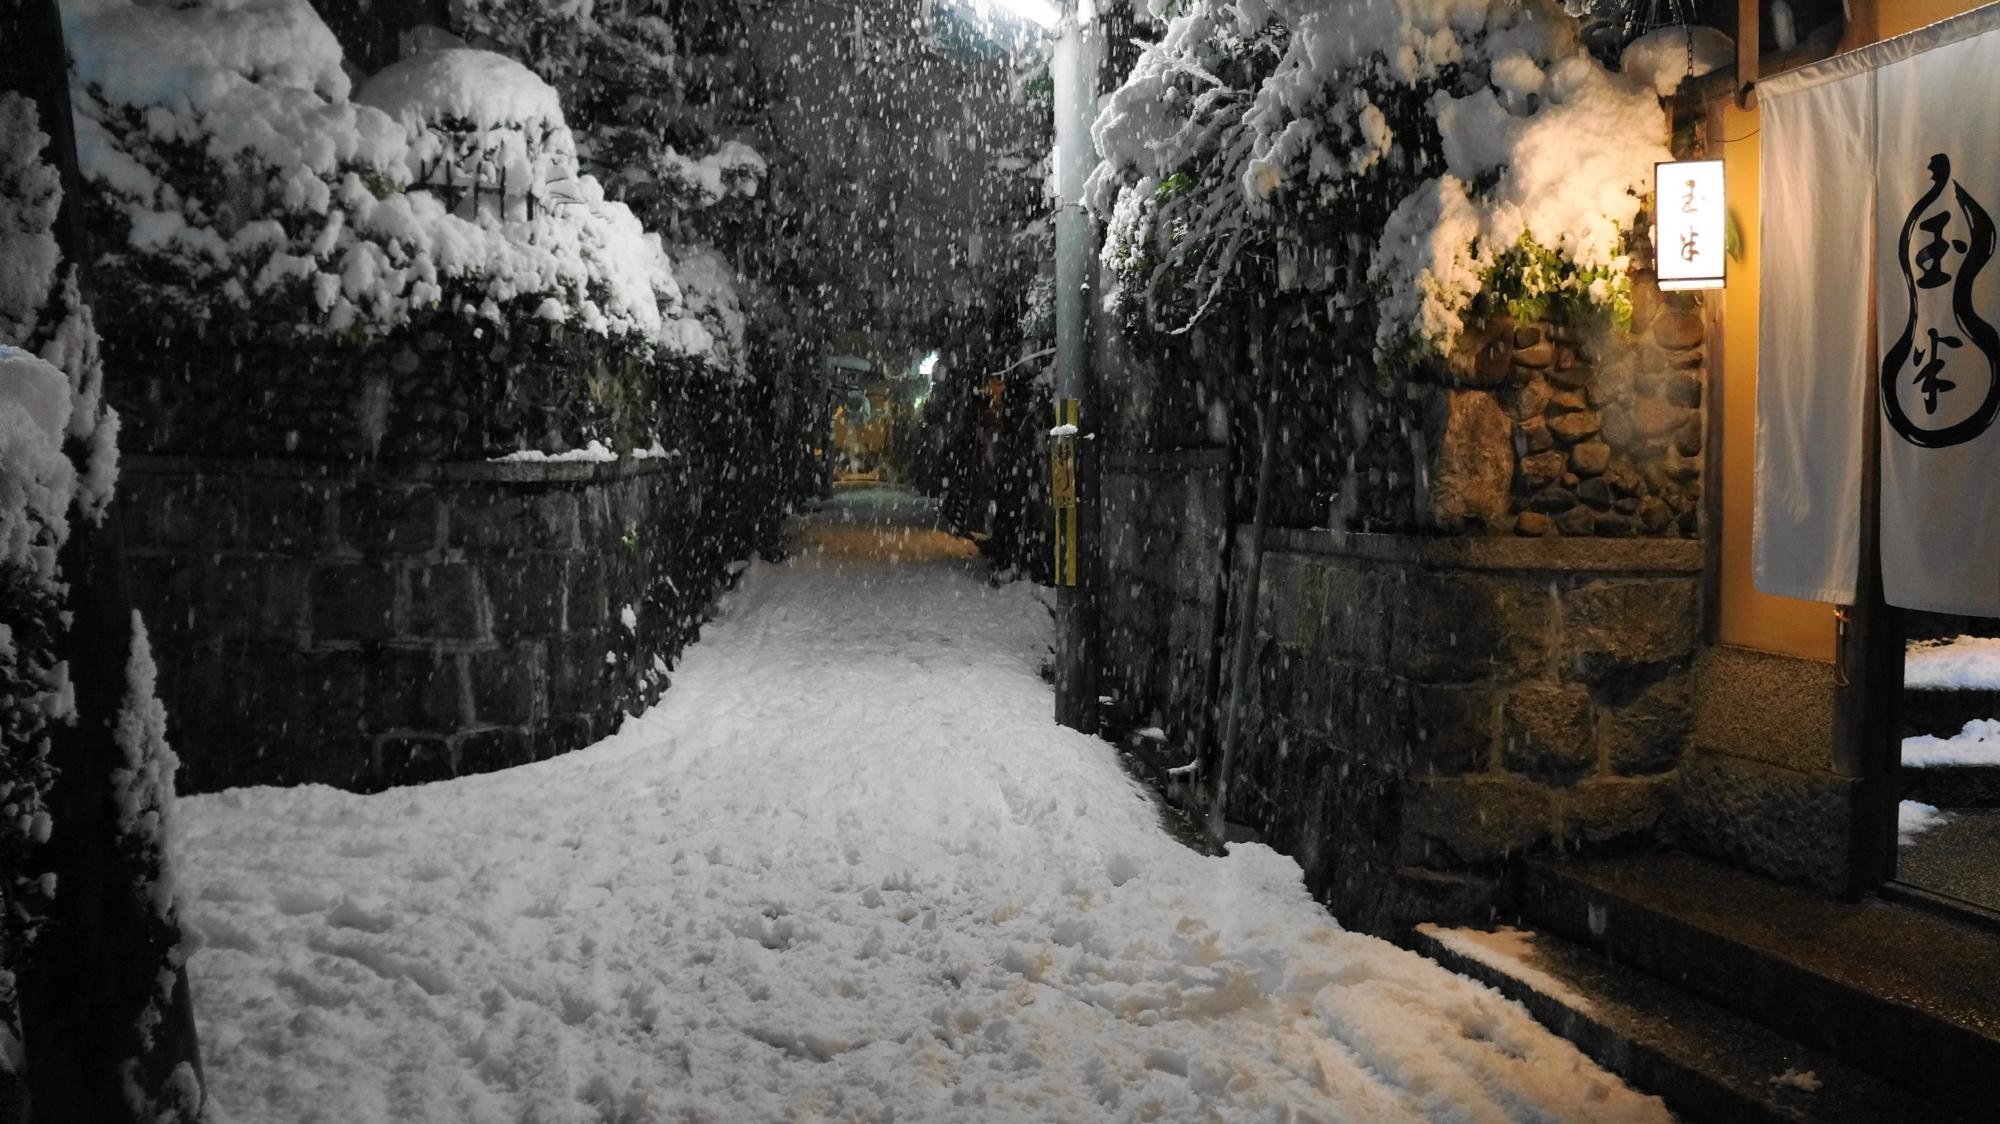 石塀小路の独特の雰囲気を演出するお店の暖簾や灯り